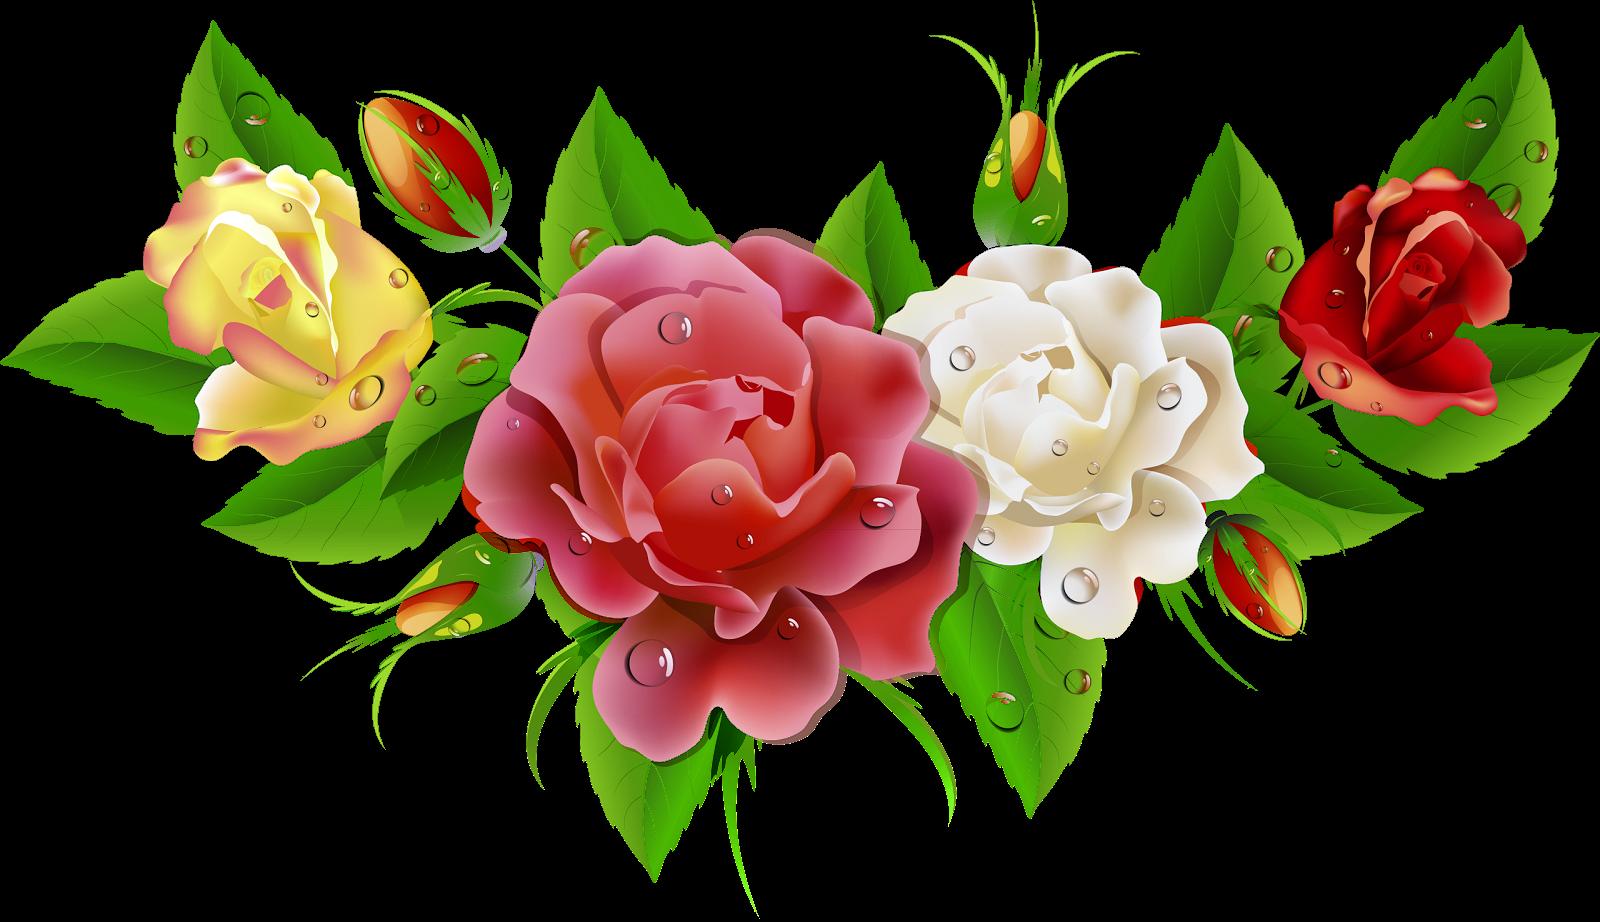 Gifs Y Fondos Galilea: Flores Esquinas Png